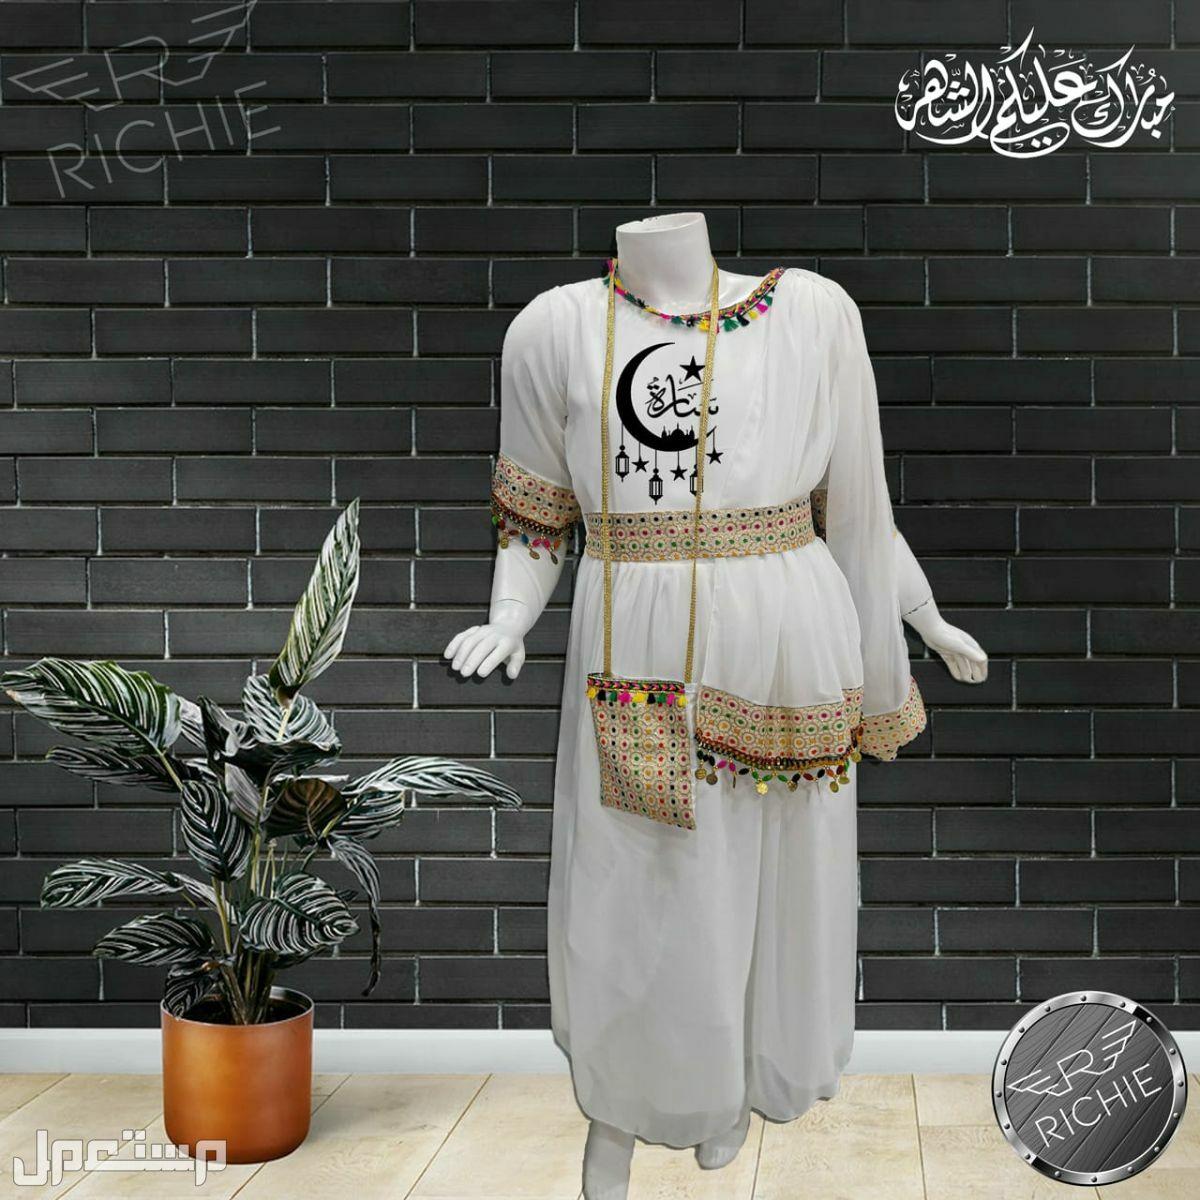 فستان بناتي  مع طباعة الاسم علية حسب طلبك